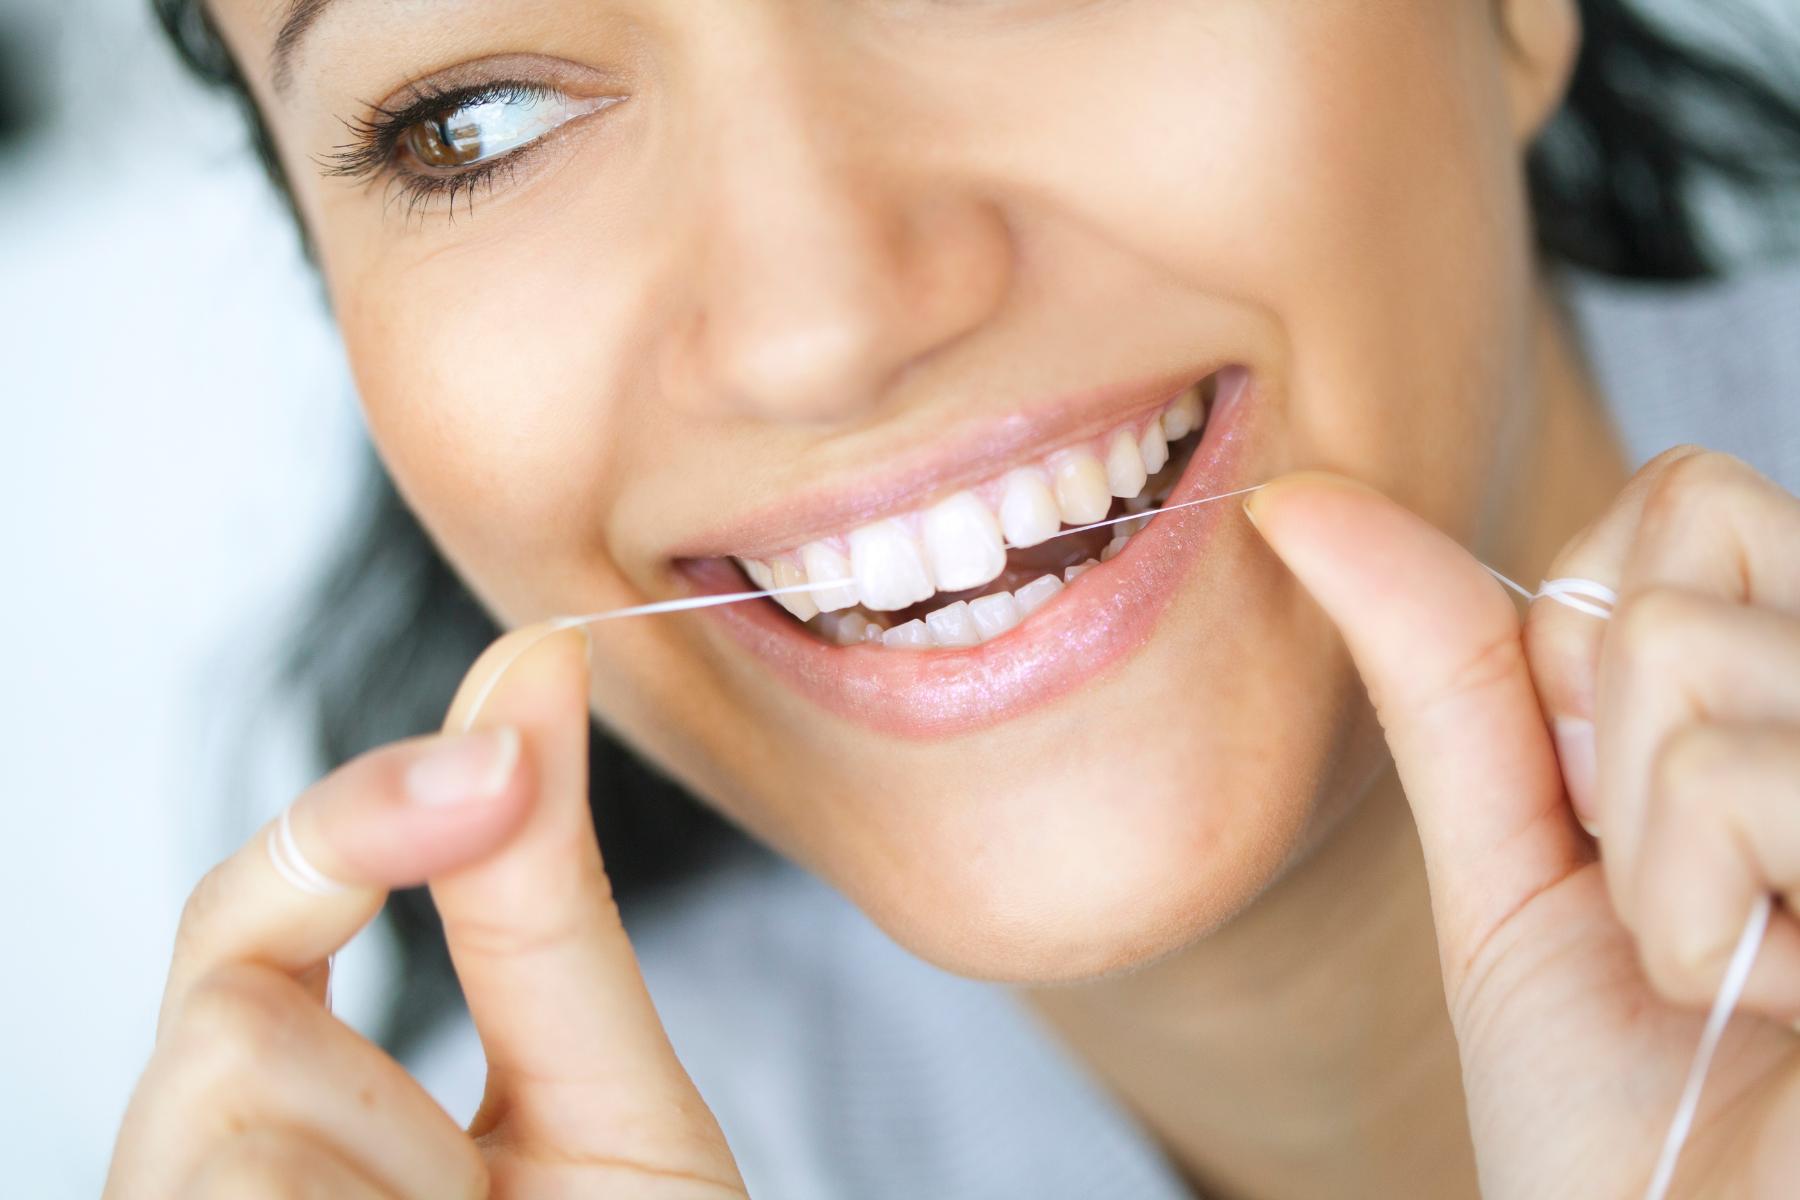 sieviete, kas ar zobu diegu tīra savus zobus